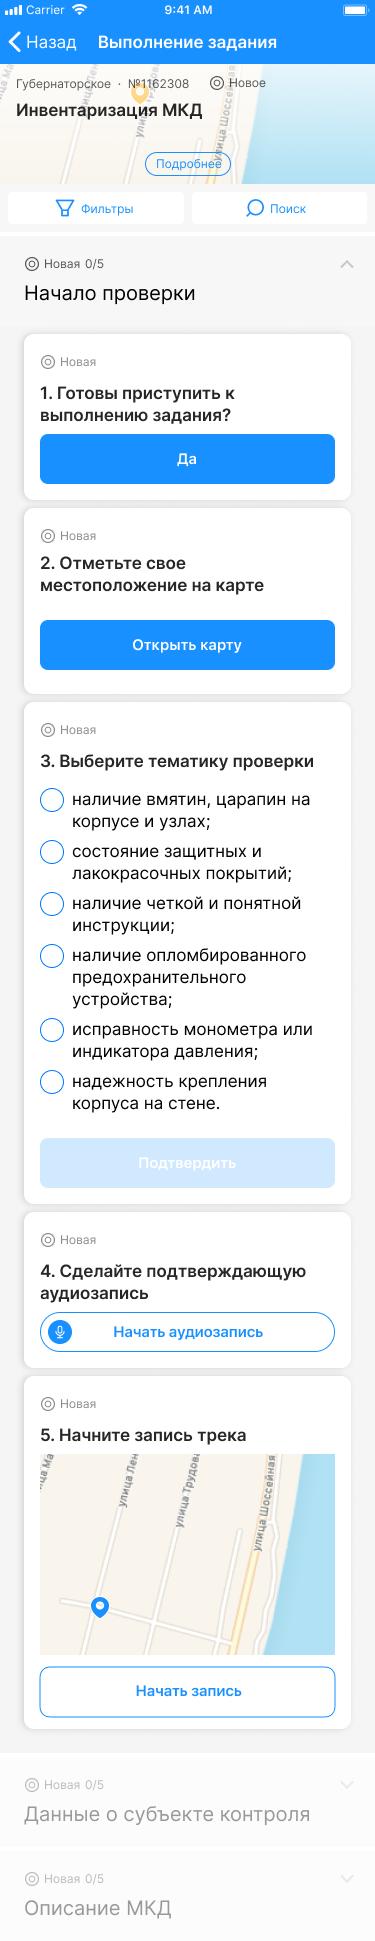 Приложение «Контроль». Начало проверки | SobakaPav.ru